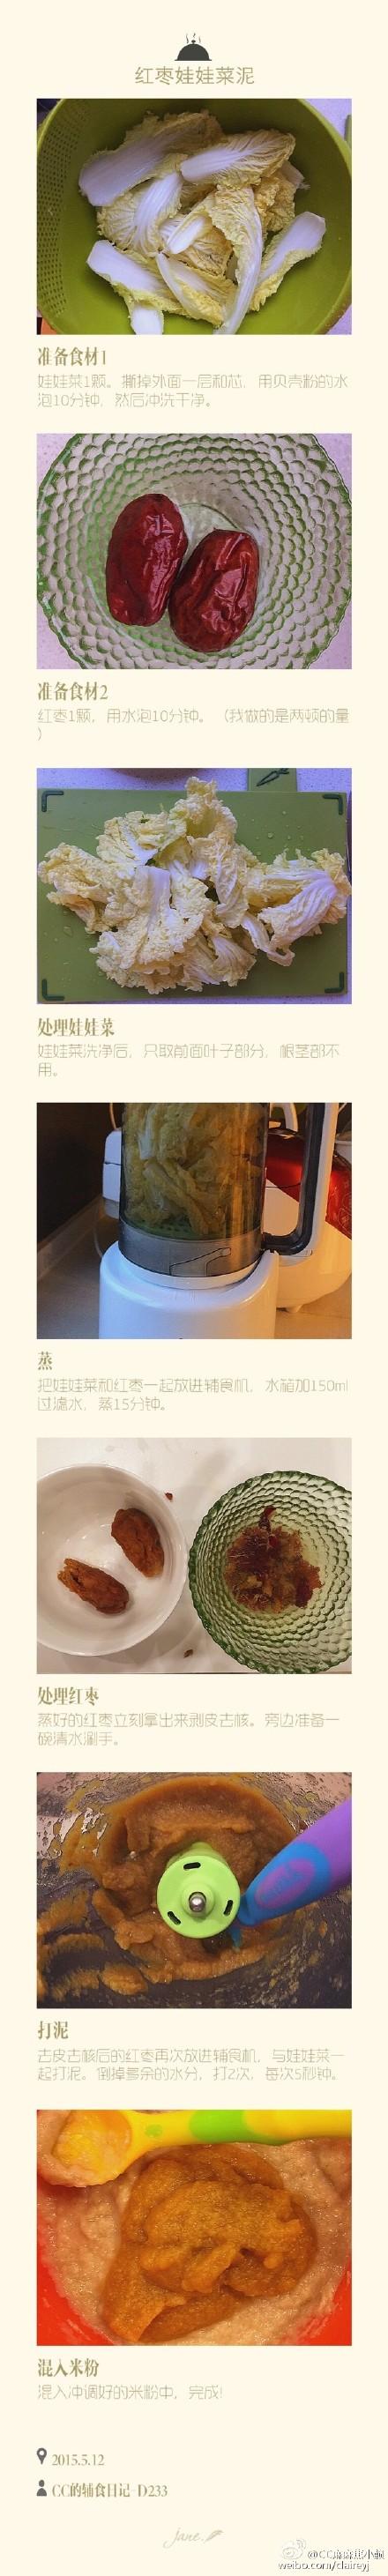 红枣娃娃菜泥适合7个月以上的宝宝,红枣的甜搭配娃娃菜的清香,不错哦~